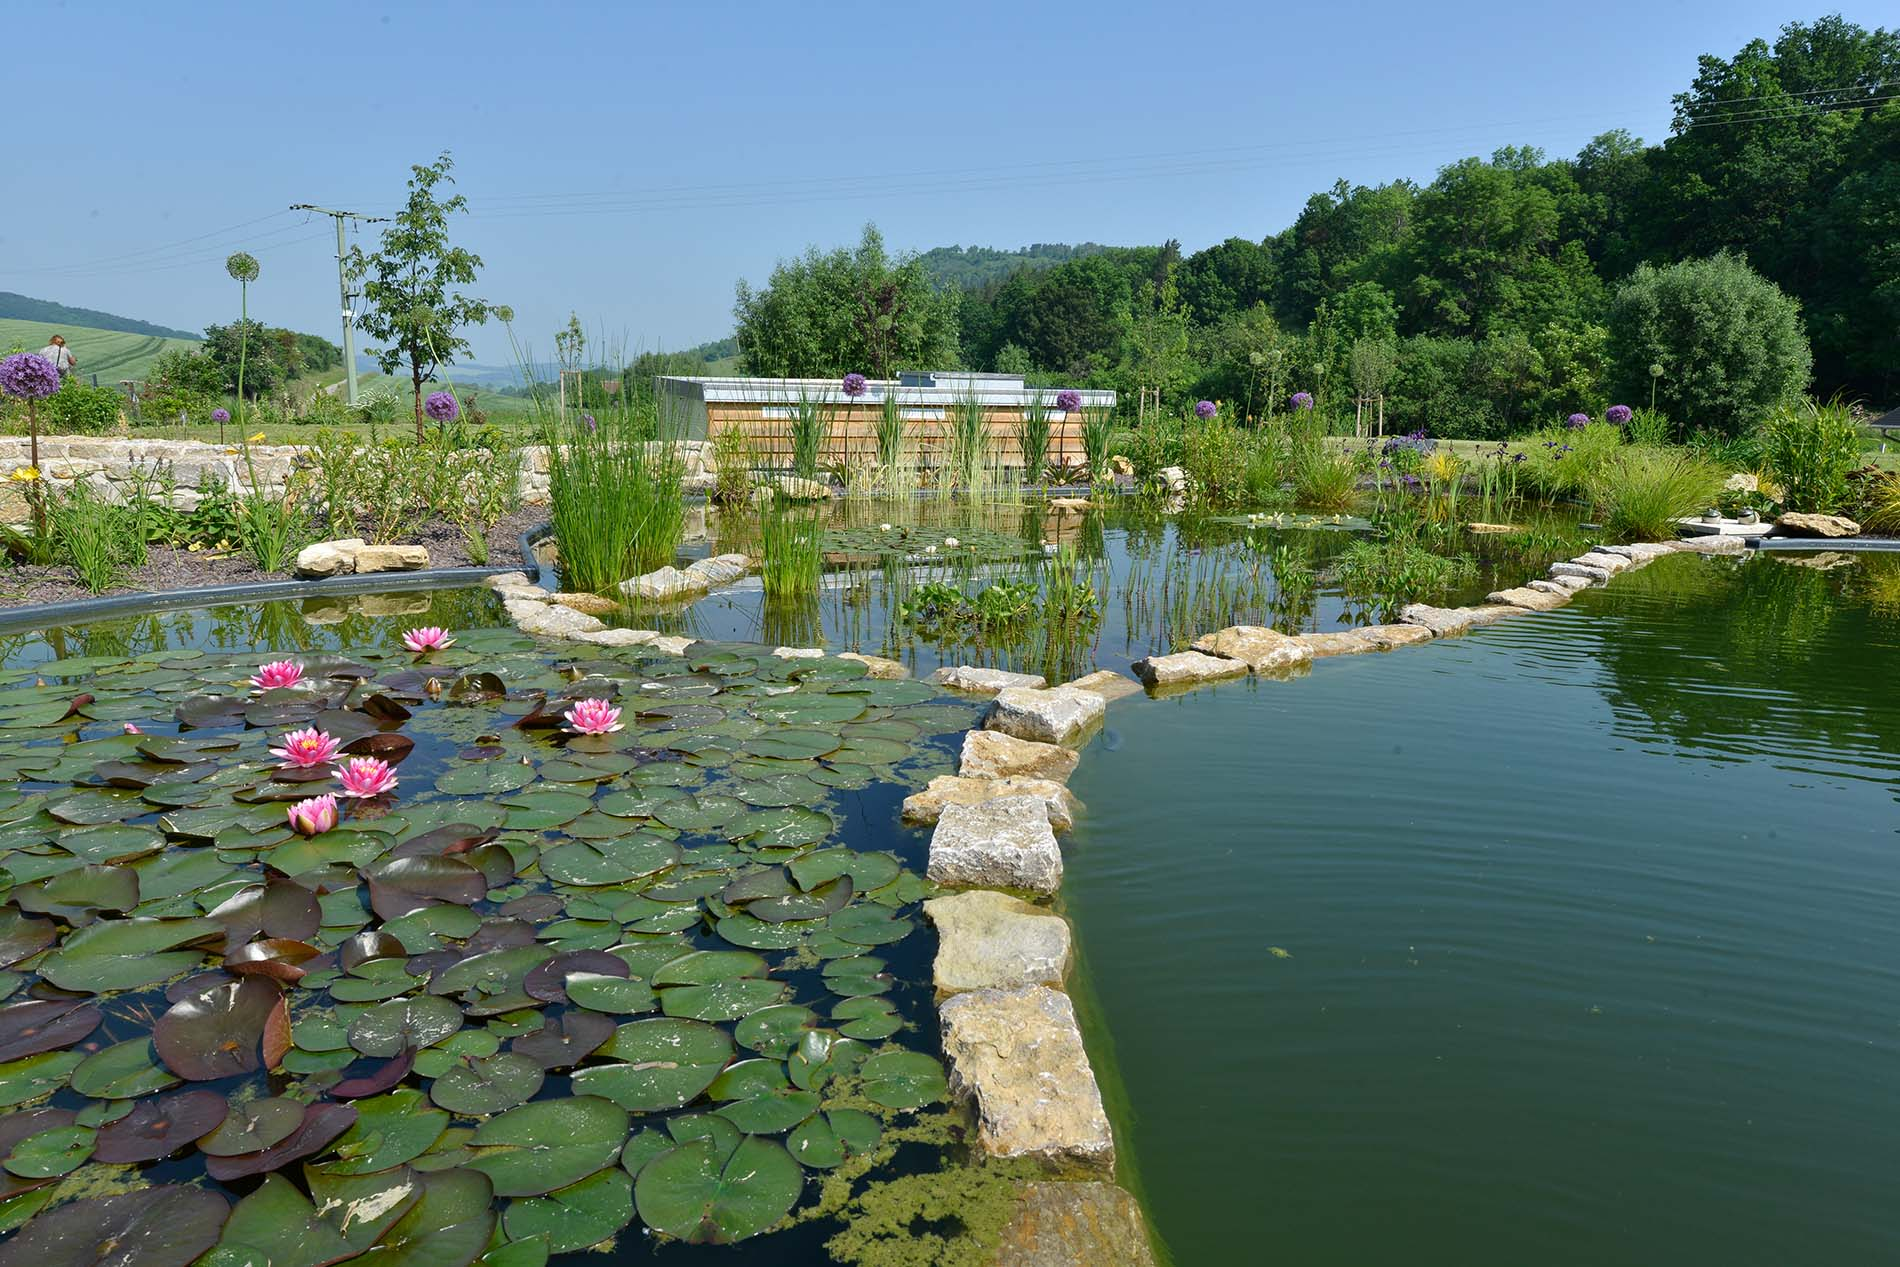 naturbelassene Bruchsteine zur Teichgestaltung